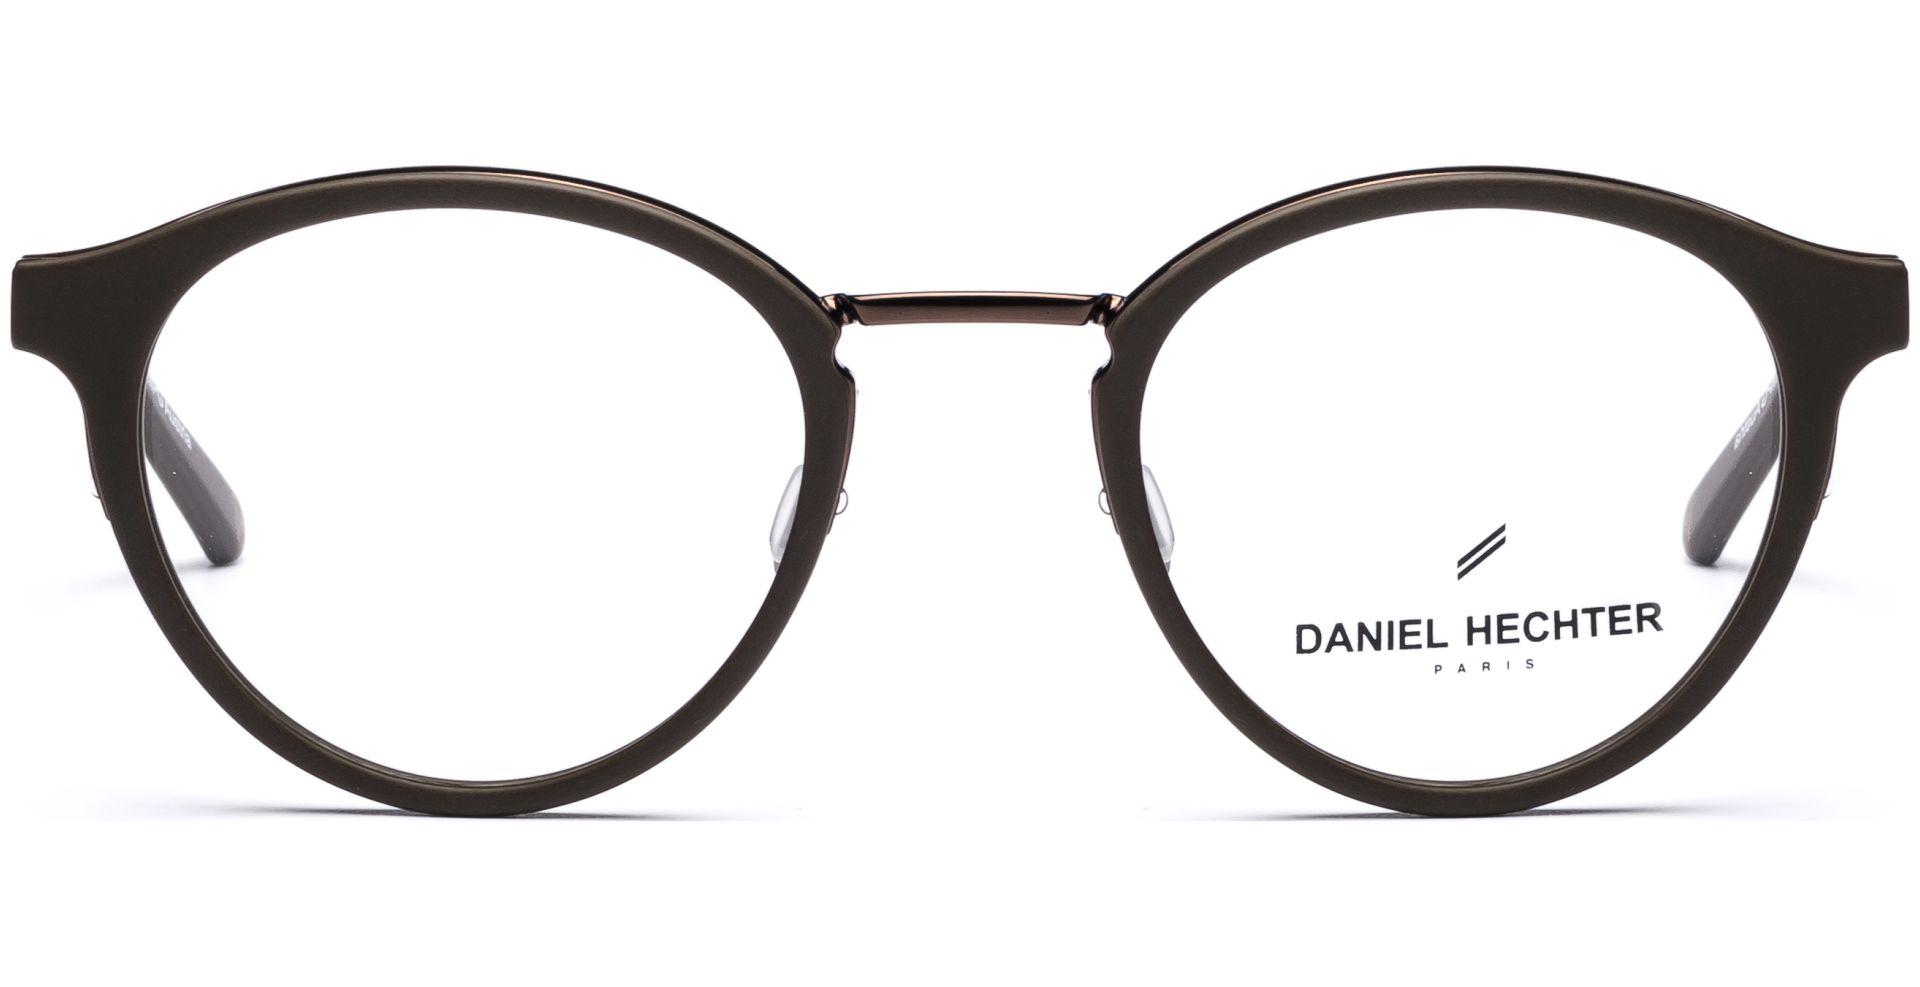 Daniel Hechter Dhm163 4 4921 Braun Lensbest